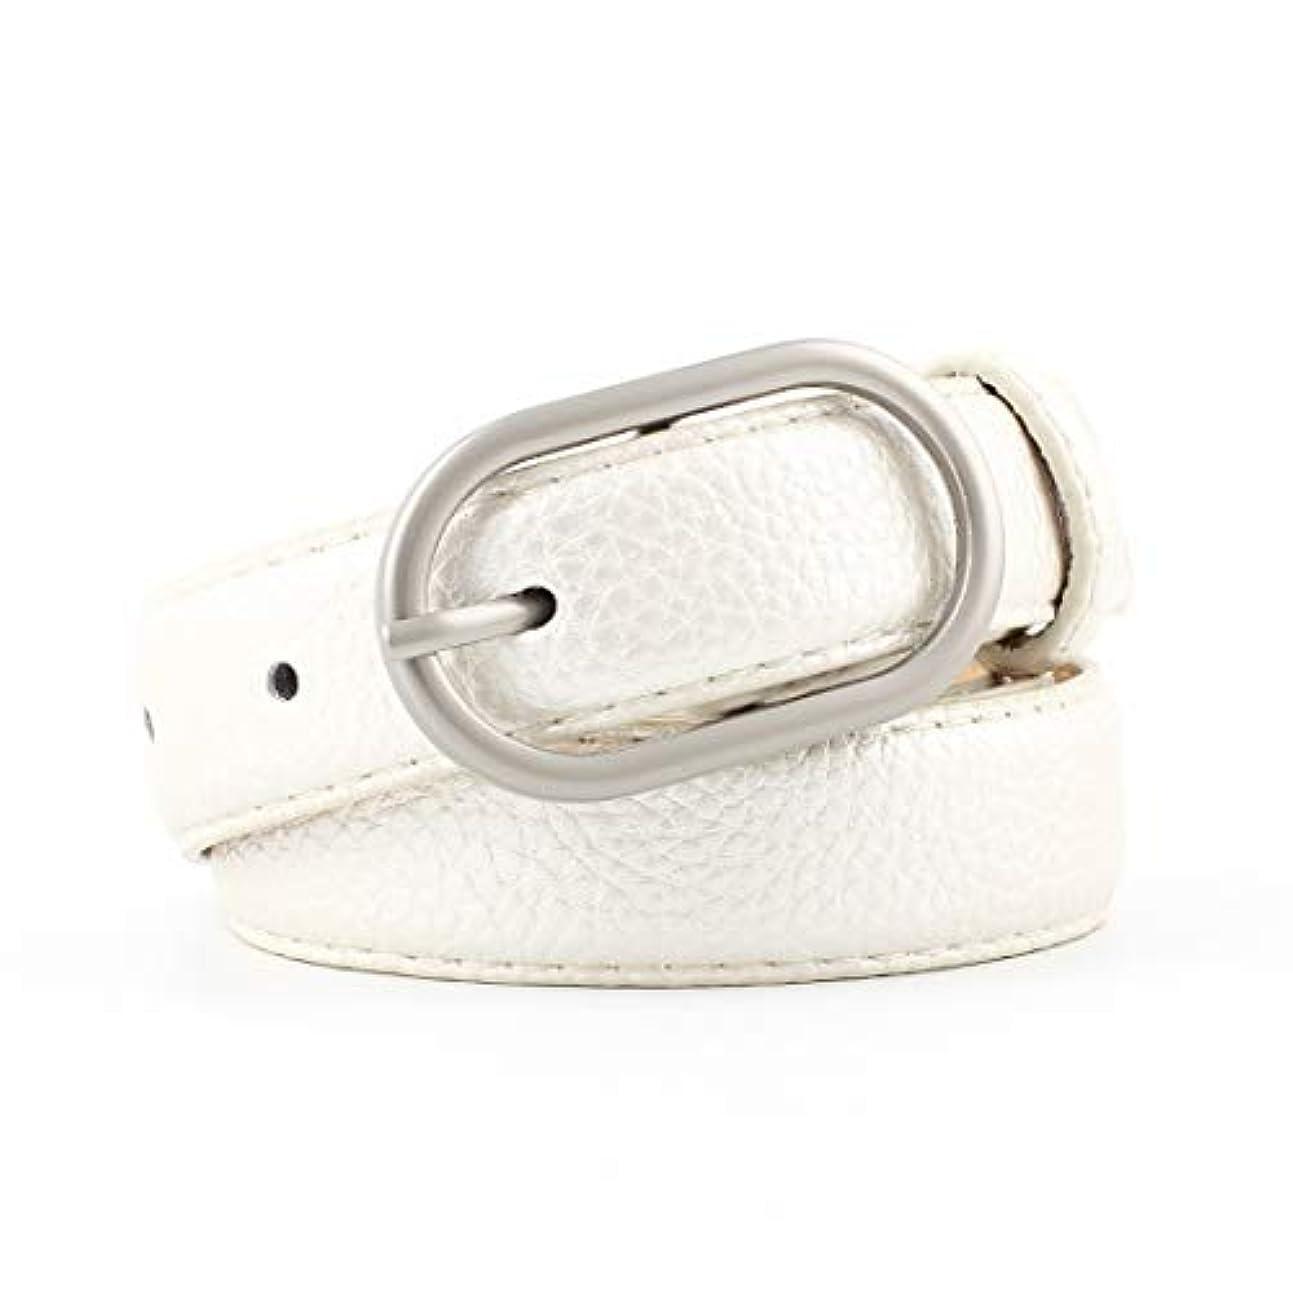 ハチ導入する元気JOYS CLOTHING メタルバックルベルト付きジーンズ用女性カジュアルドレスベルト (Color : White)